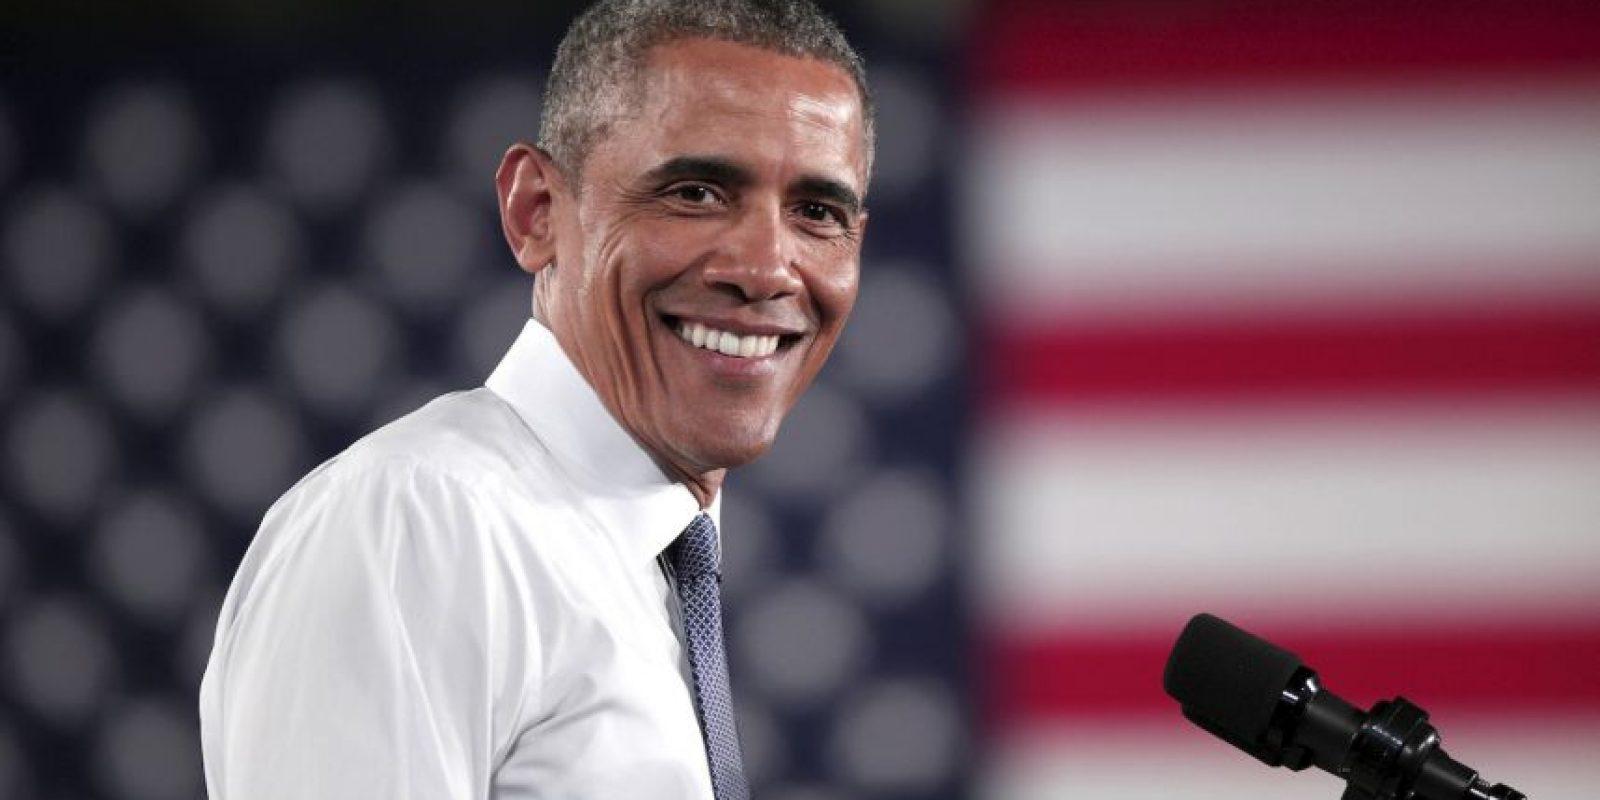 El presidente de Estados Unidos indicó a un periodista que su alimento favorito era el brócoli. Foto:Getty Images